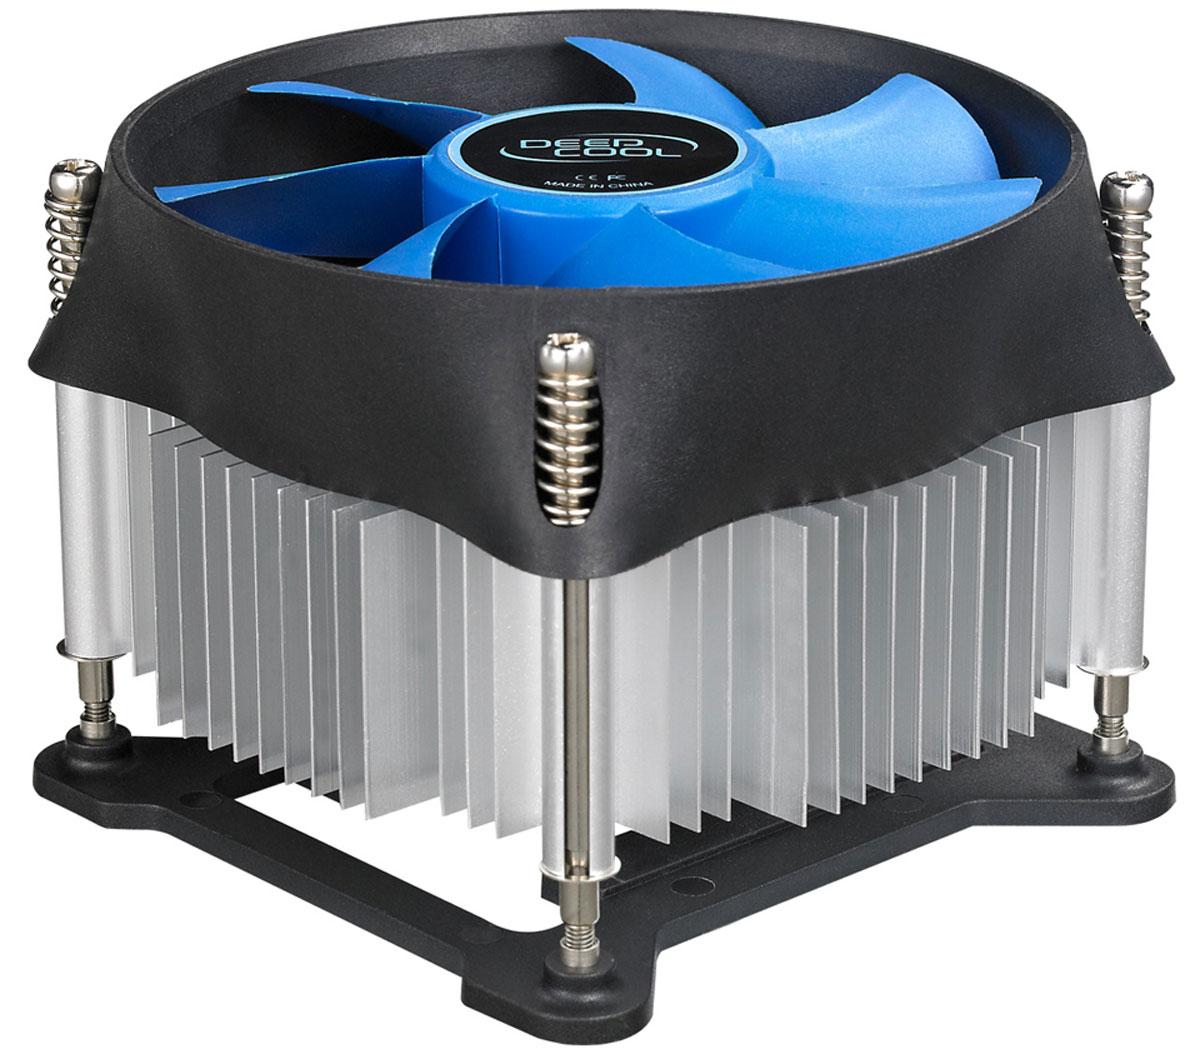 Deepcool THETA 20 кулер компьютерныйTHETA 20Кулер Deepcool THETA 20 оснащен алюминиевым радиатором с медным основанием, который является эффективным охлаждением для процессоров. Вентилятор, который имеет повернутую конструкцию, представляет собой хорошо сбалансированный прибор с позиции потока производимого воздуха и издаваемого шума. Анодированные титано-алюминиевые теплоотводы рационально рассеивают тепло. Установка винтов и задней панели обеспечивает безопасный монтаж.